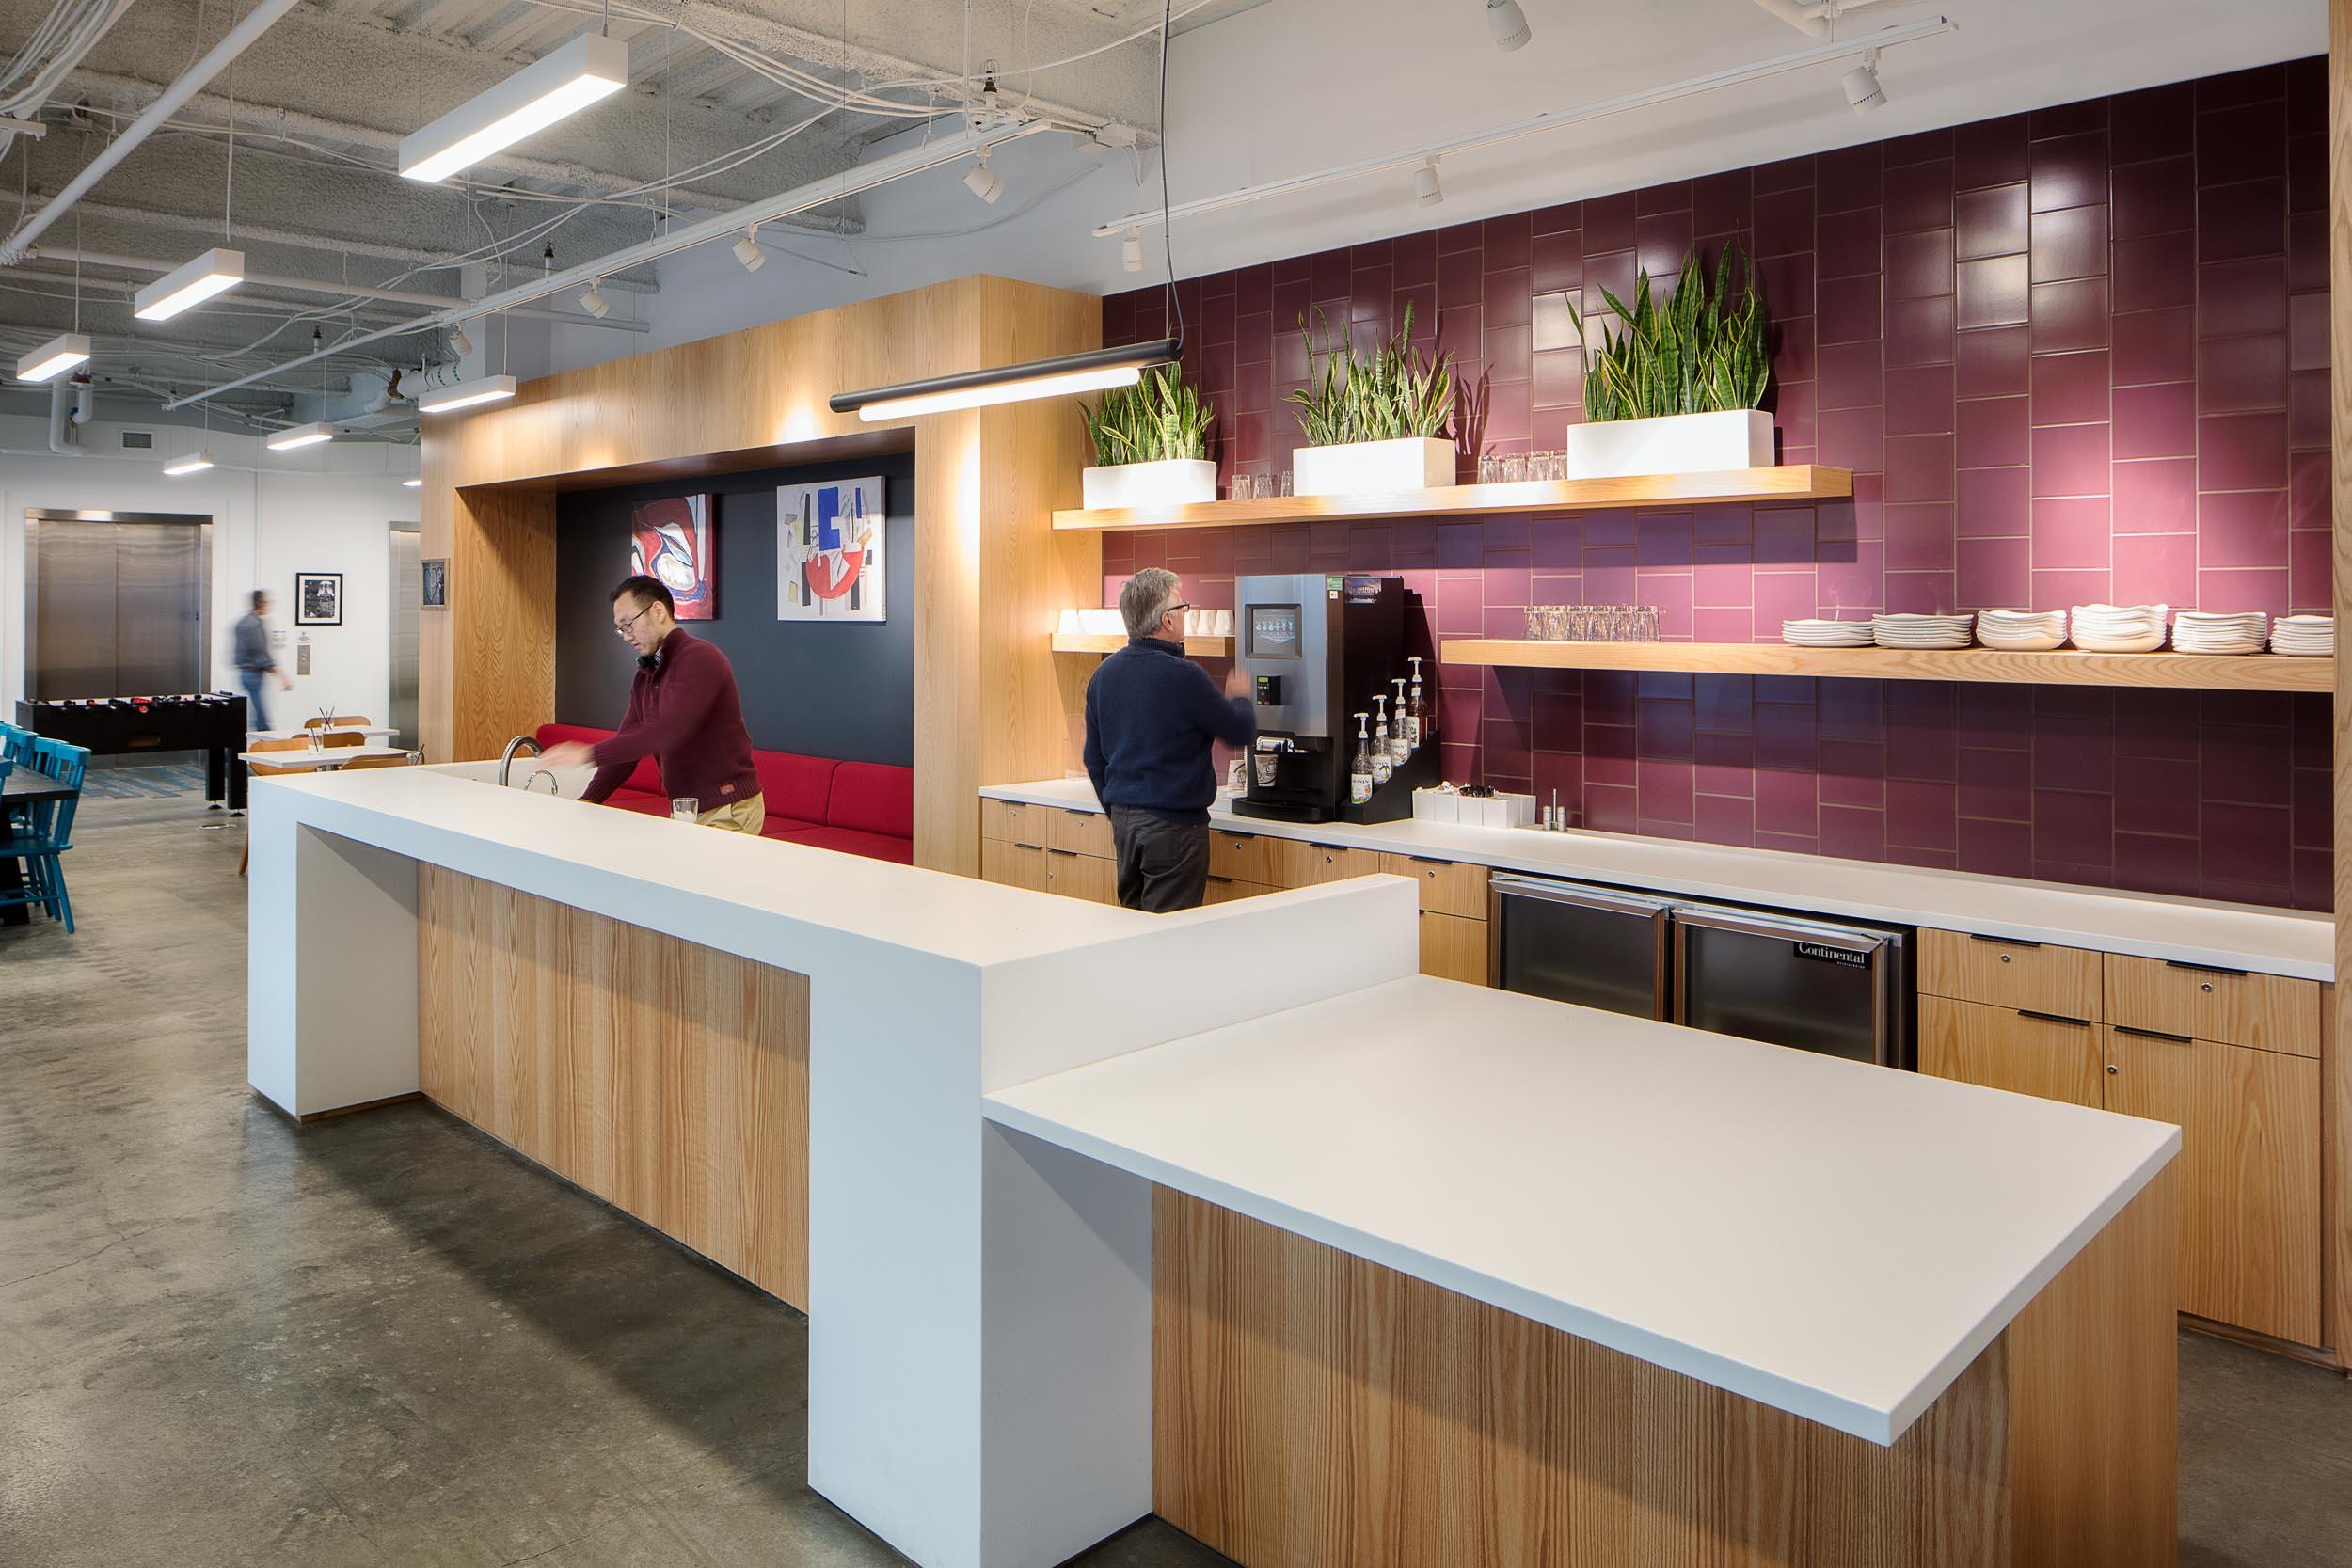 regus_spaces_office_workplace_coworking-9.jpg